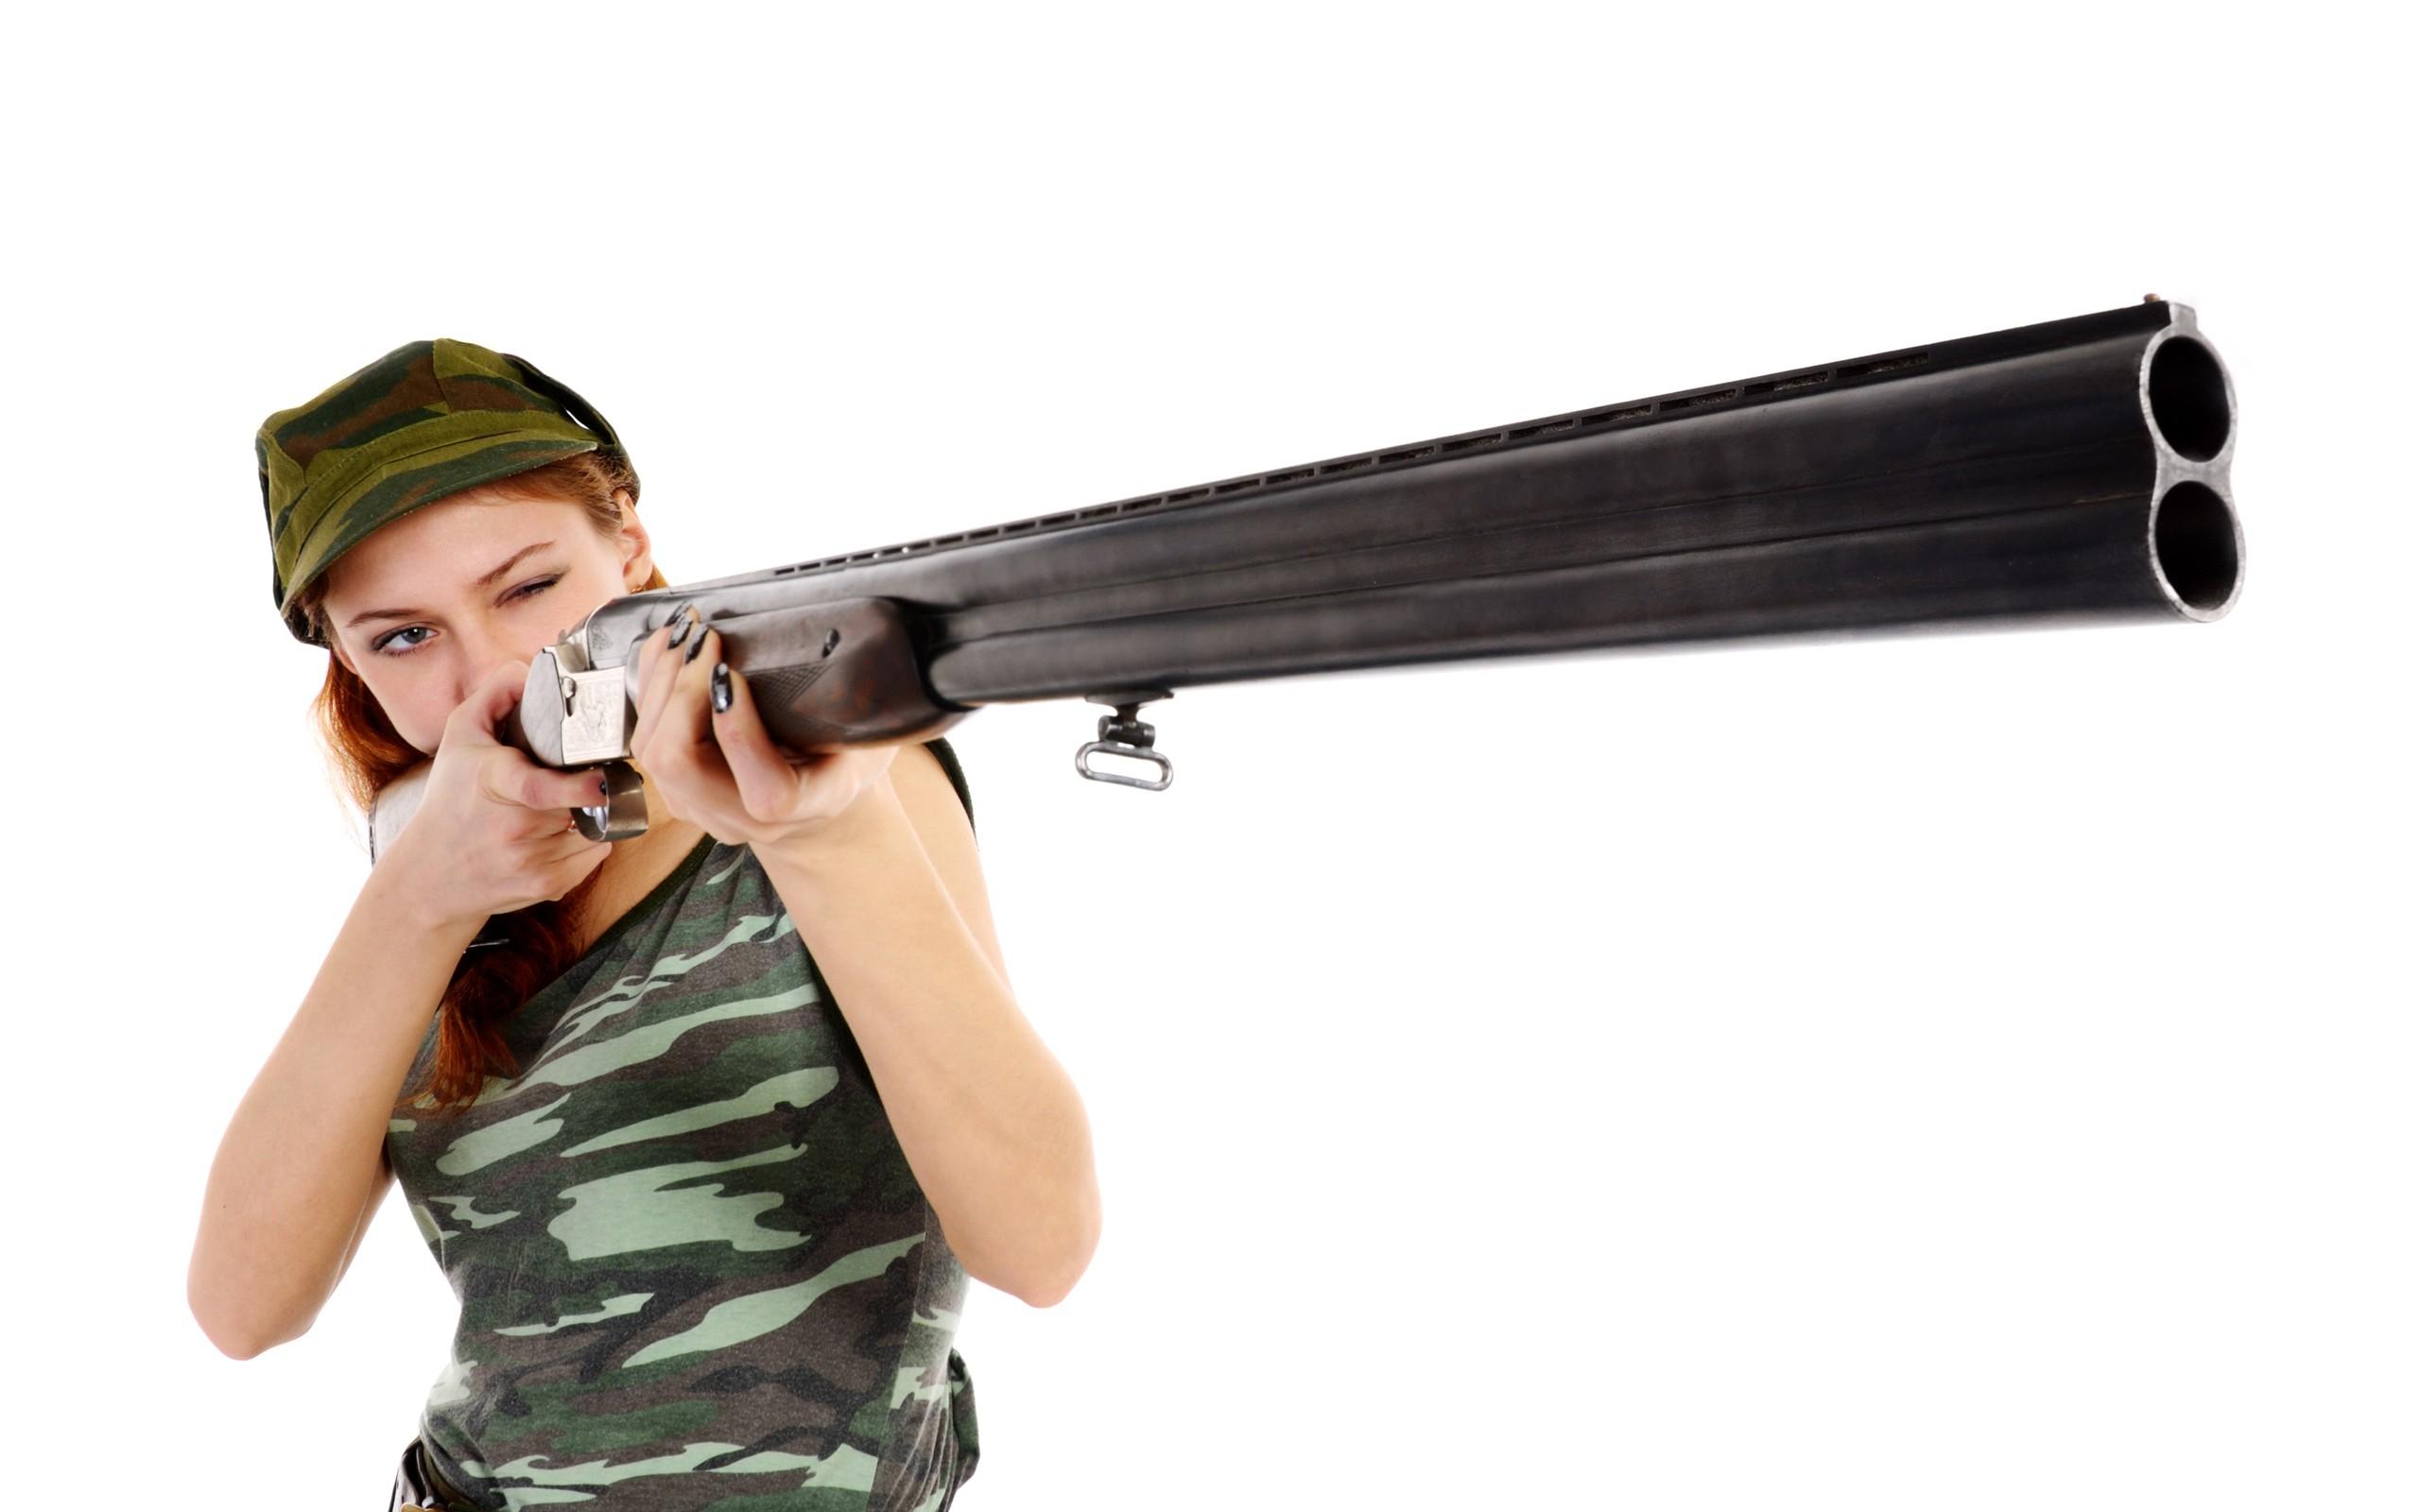 Una pelirroja con escopeta - 2560x1600